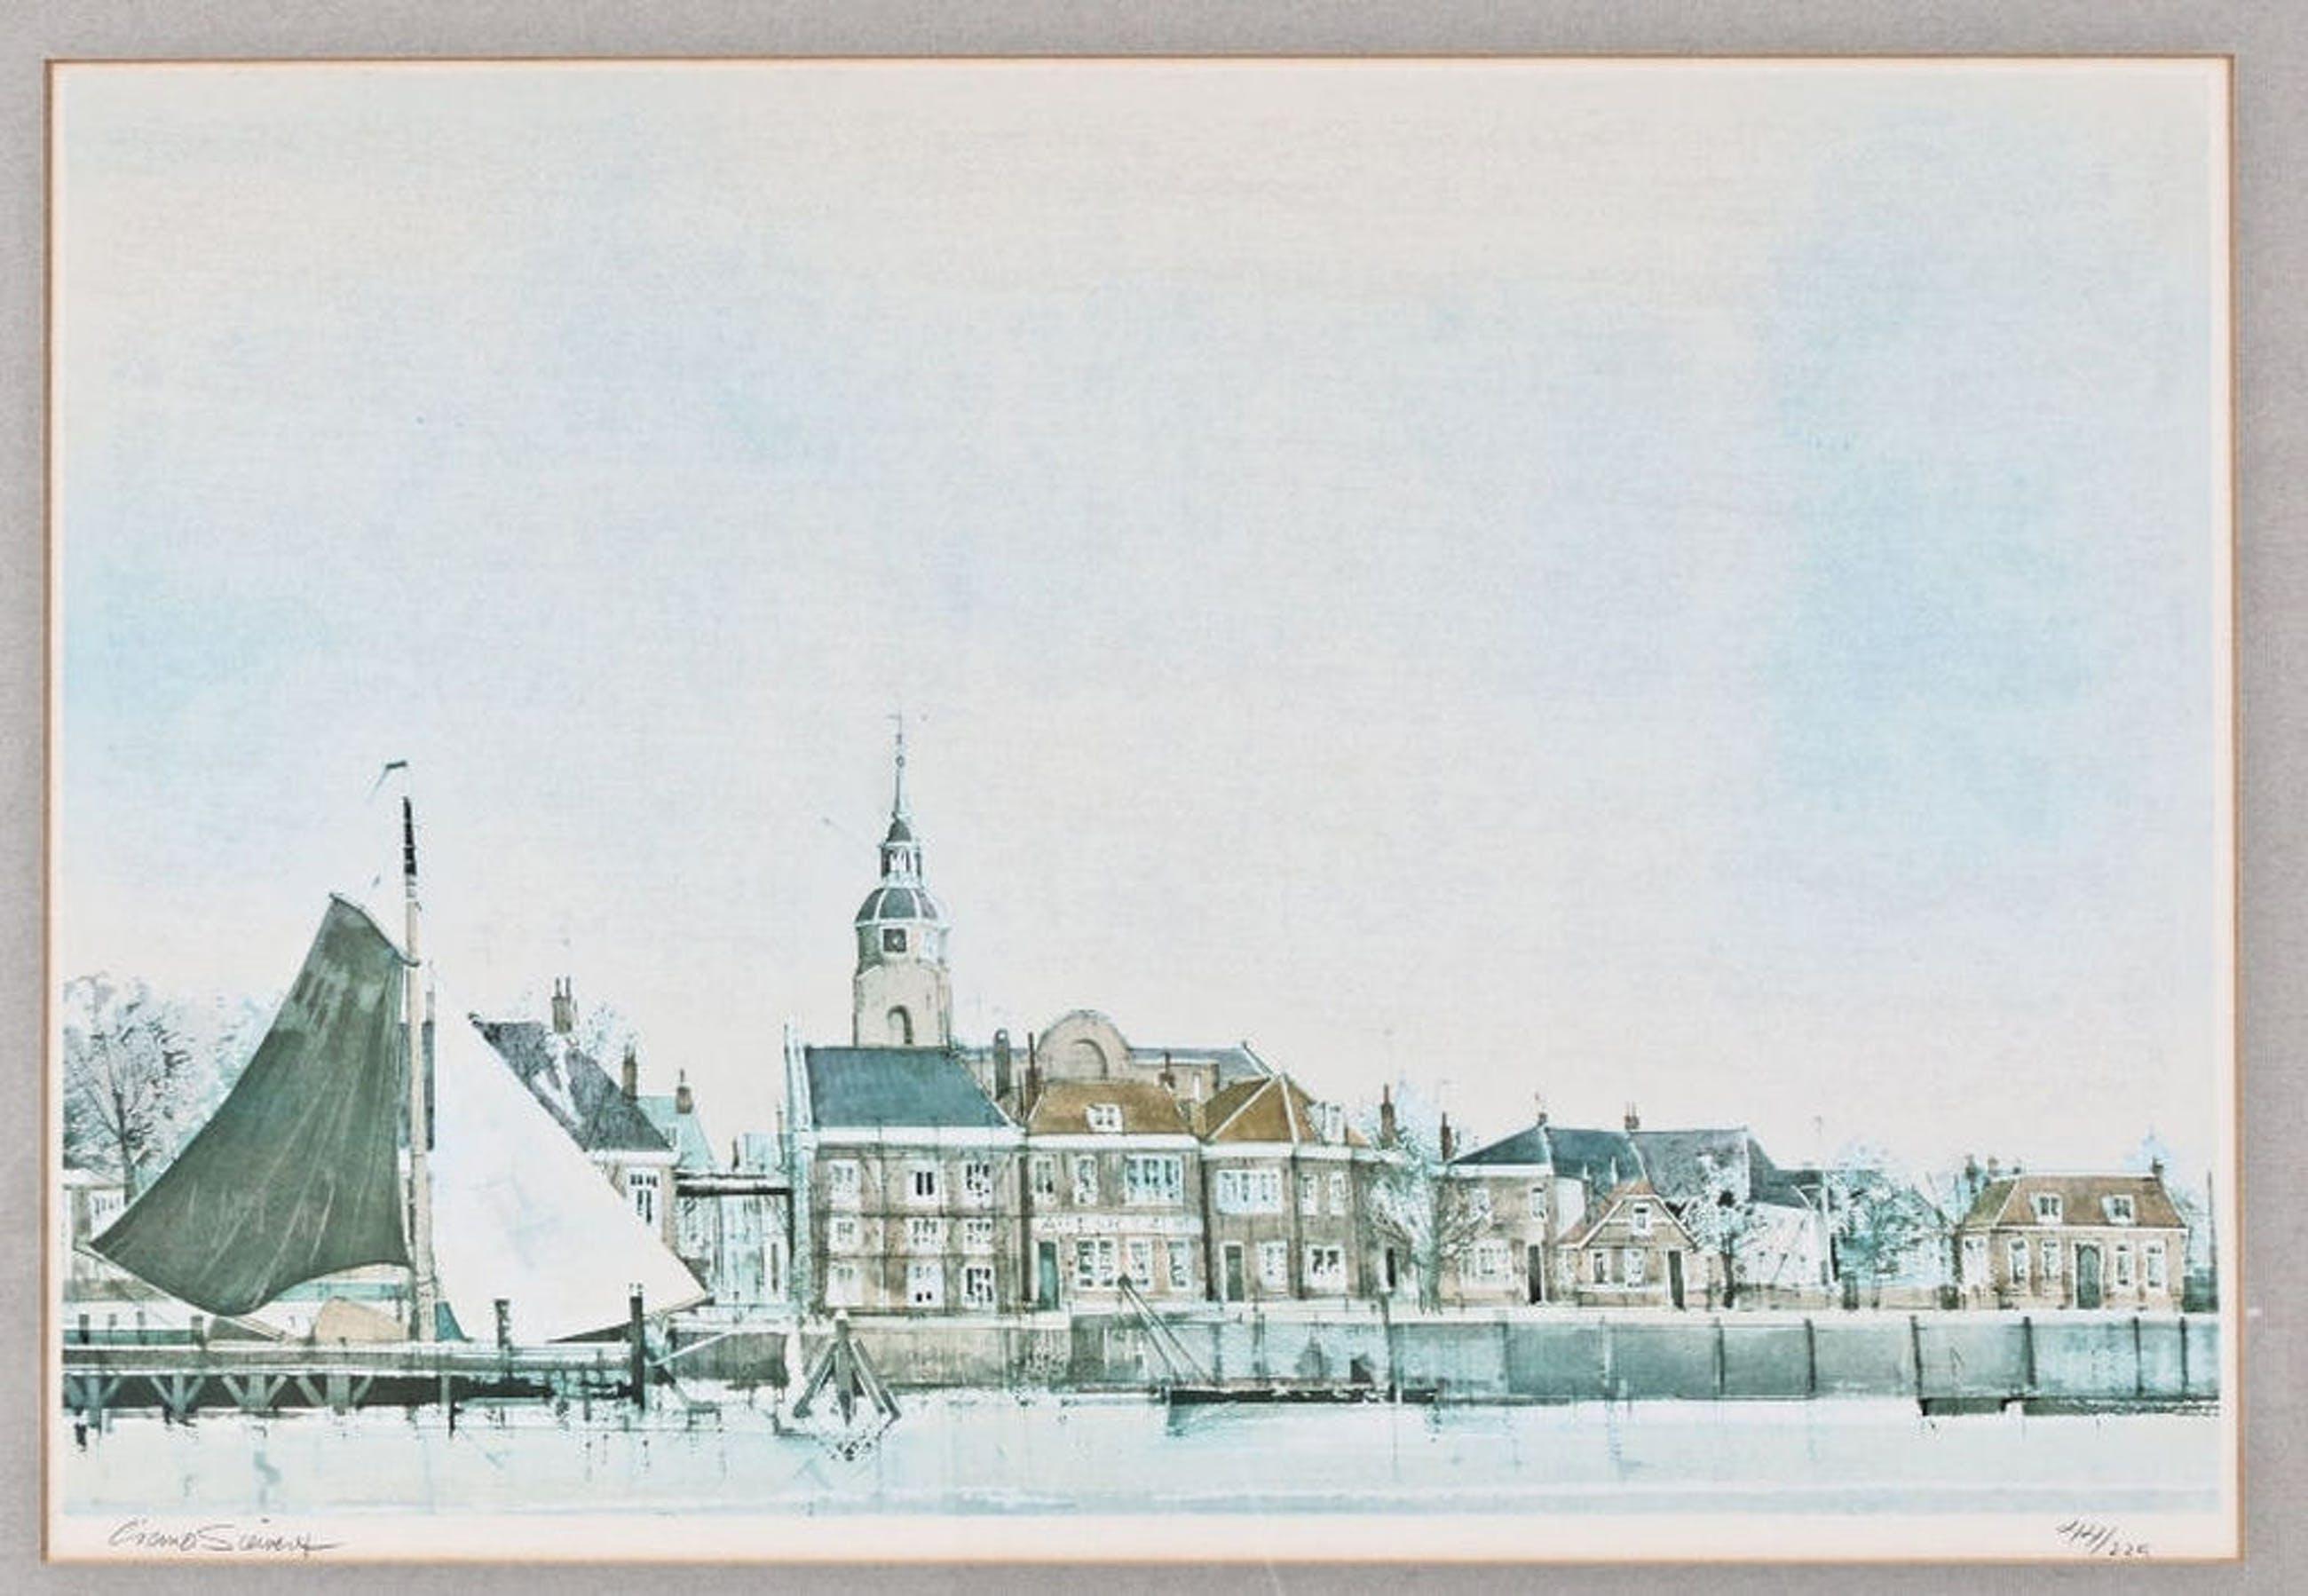 Ciano Siewert - litho - haven van Blokzijl met skûtsje kopen? Bied vanaf 25!